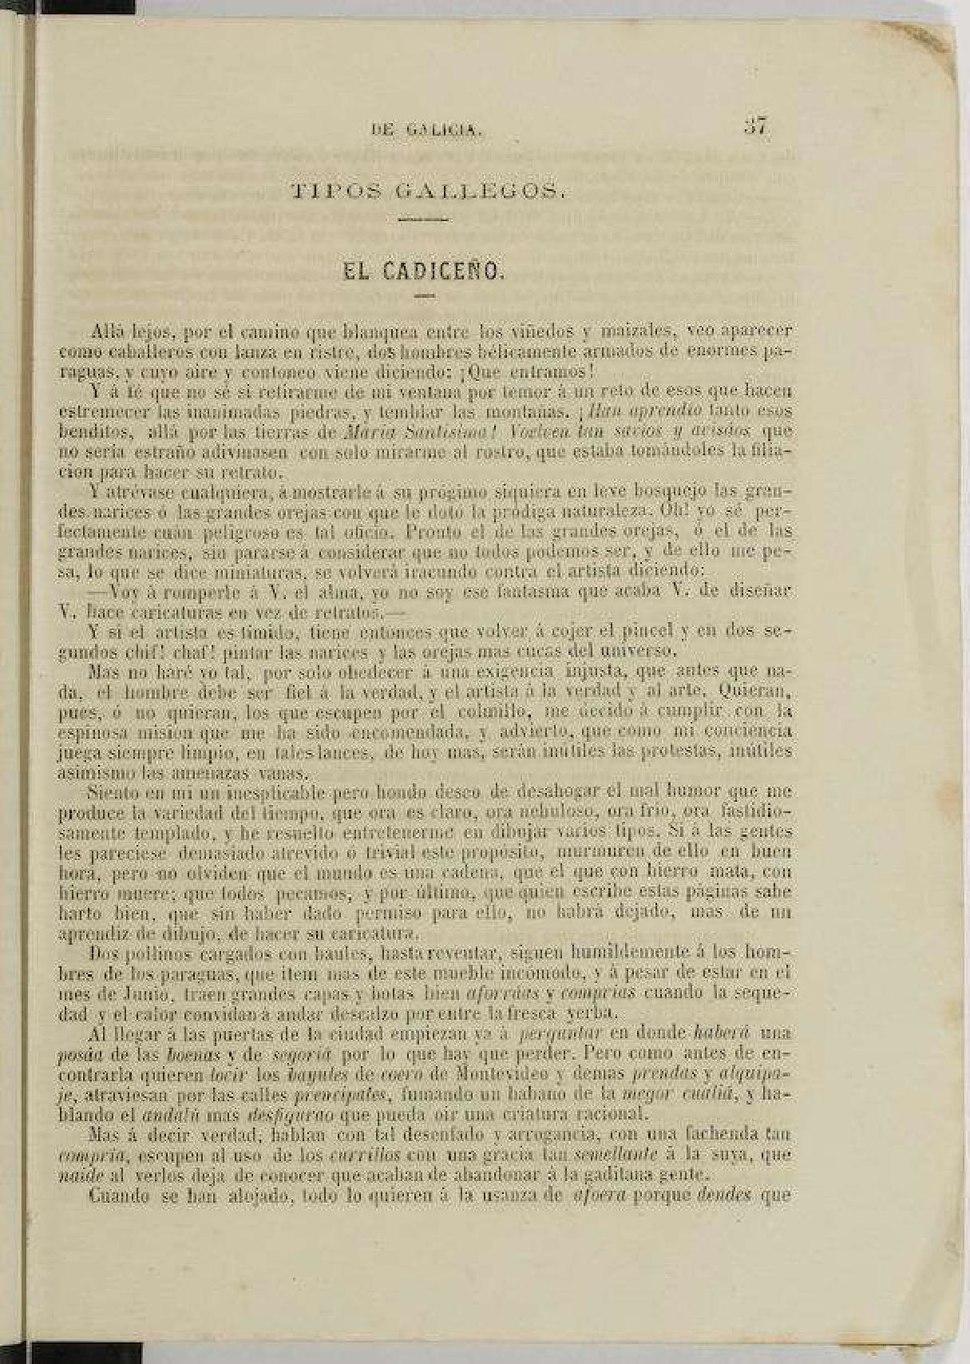 """""""El cadiceño"""", Almanaque de Galicia, 1865, Lugo."""